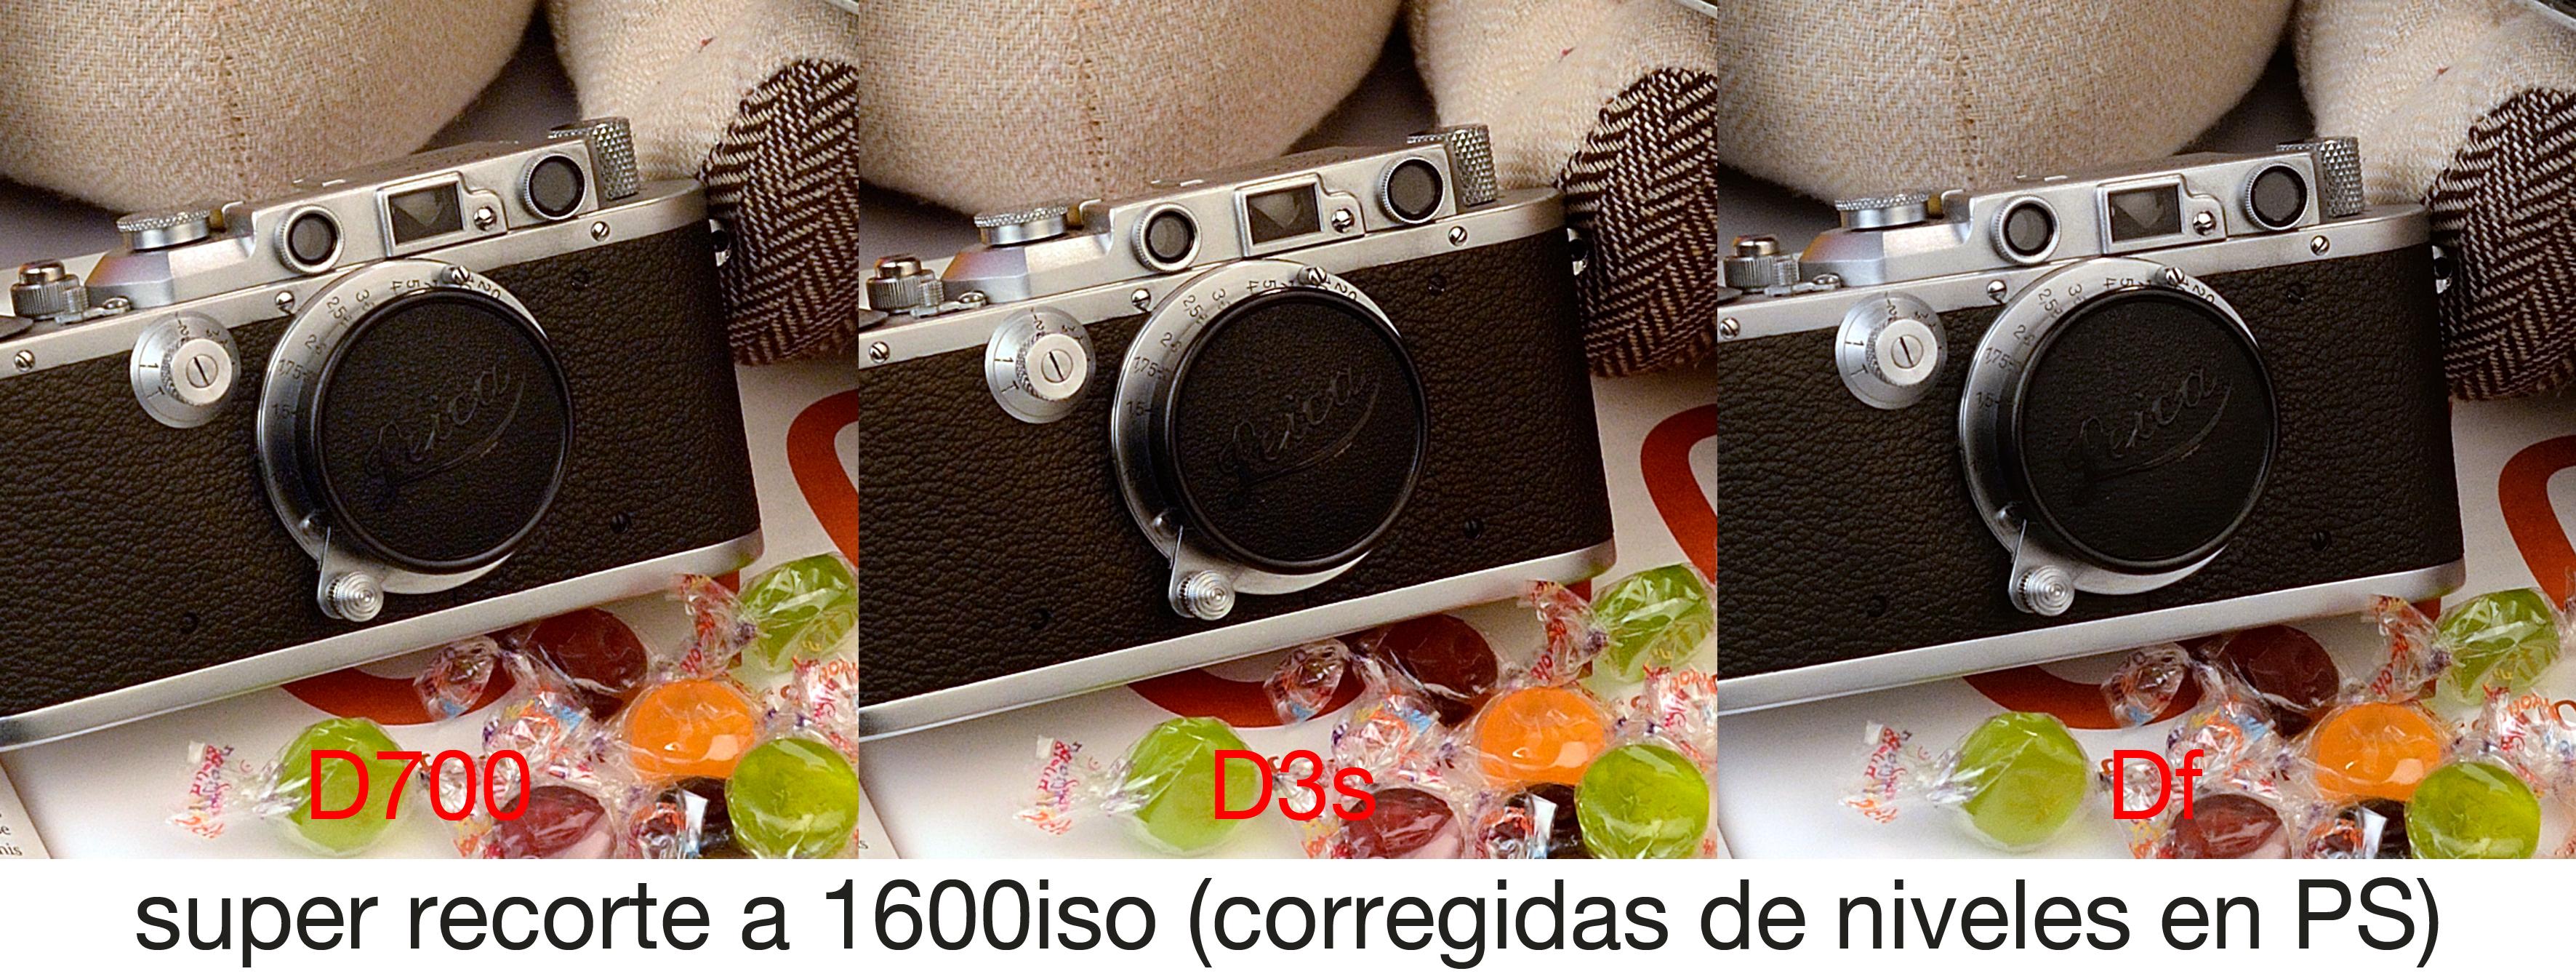 11452651145_cd2c086a5e_o.jpg